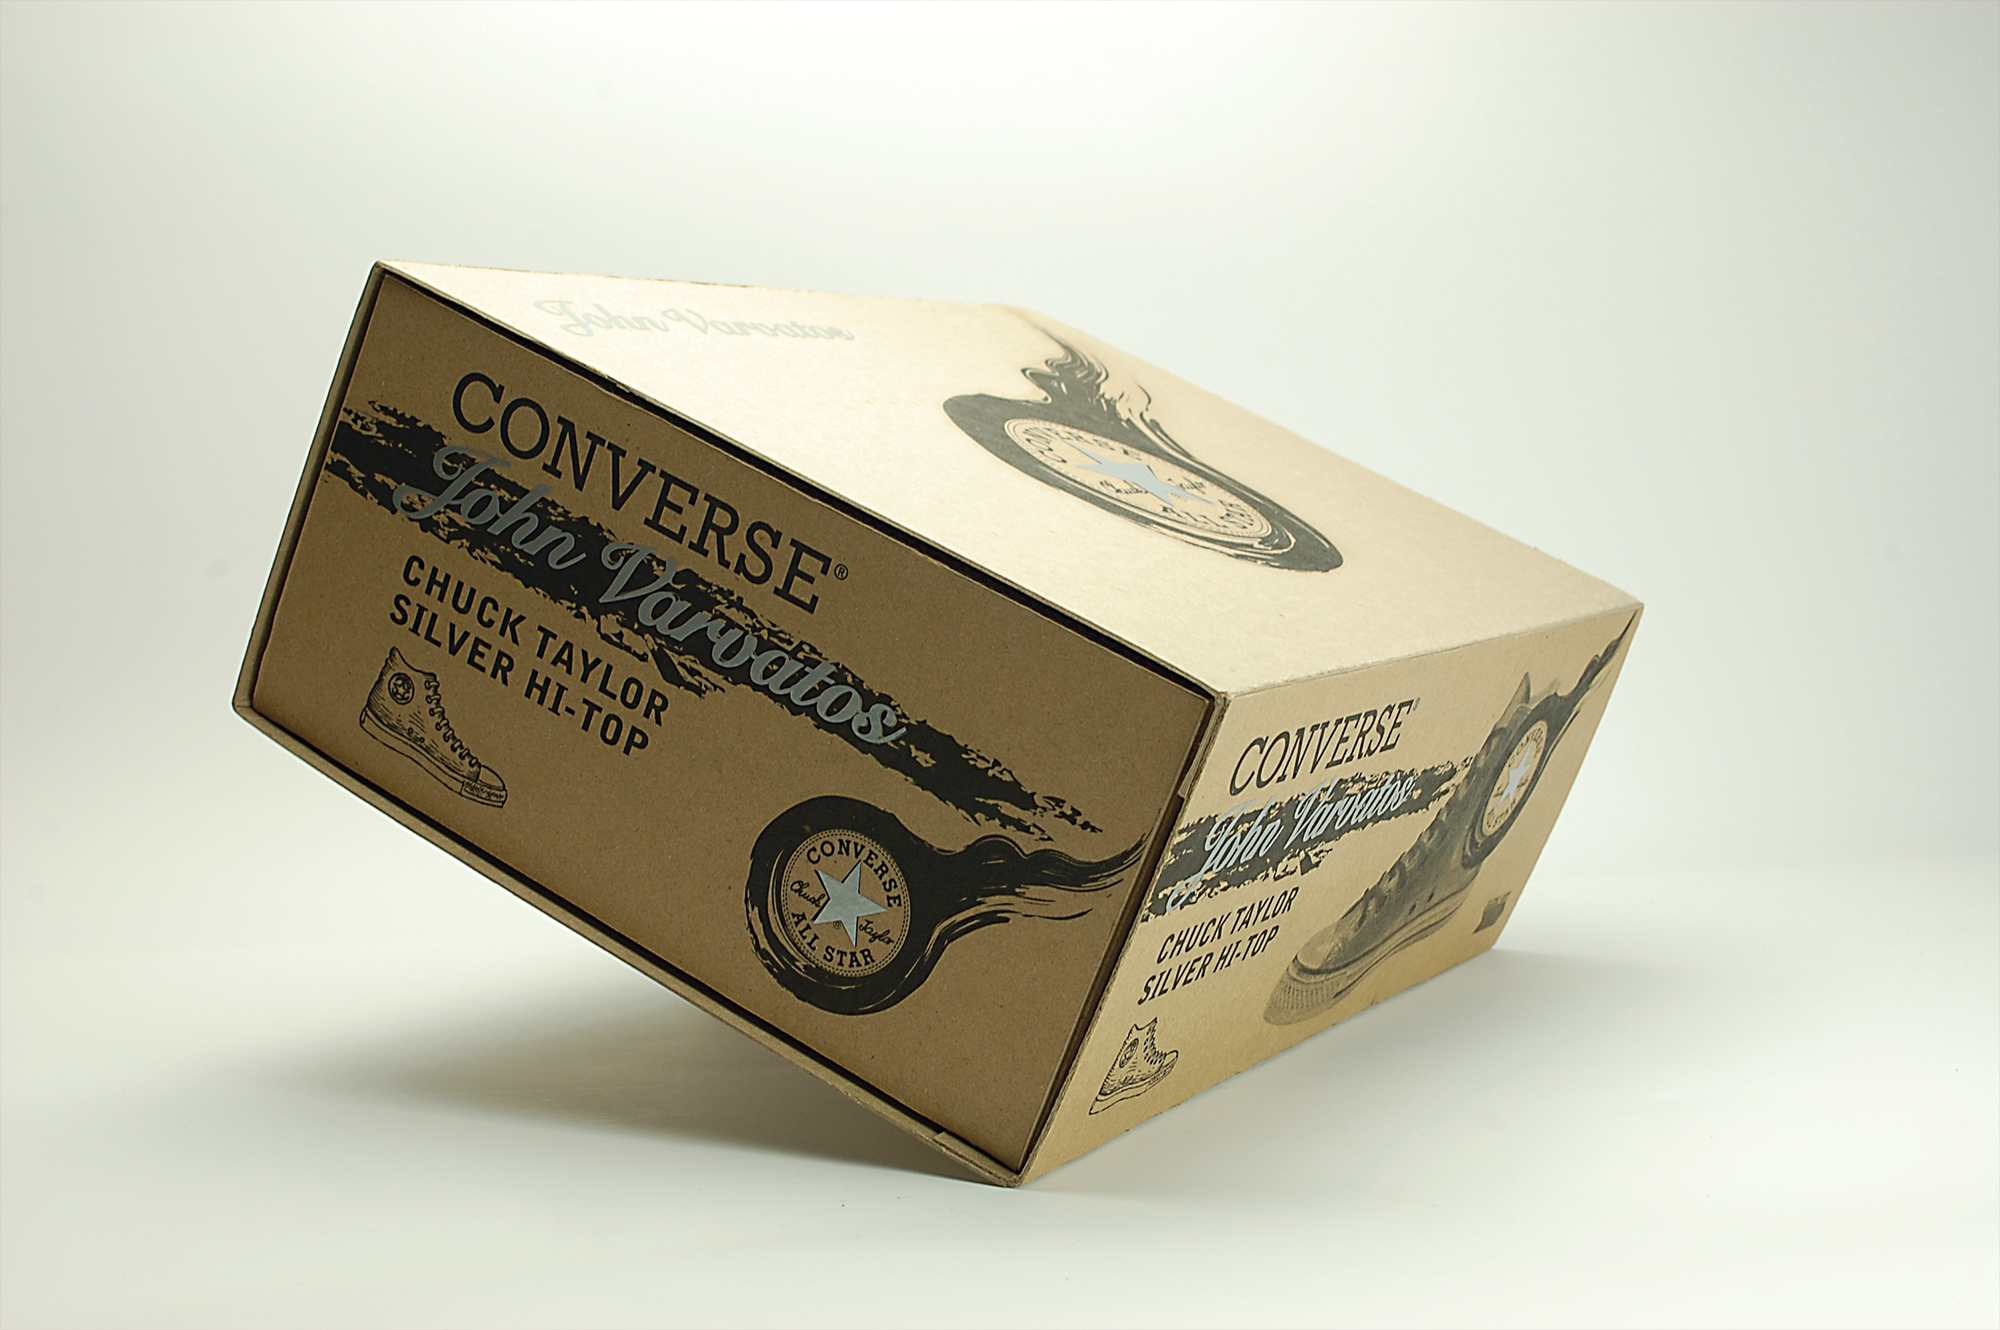 Converse Shoe Box - Photo 2